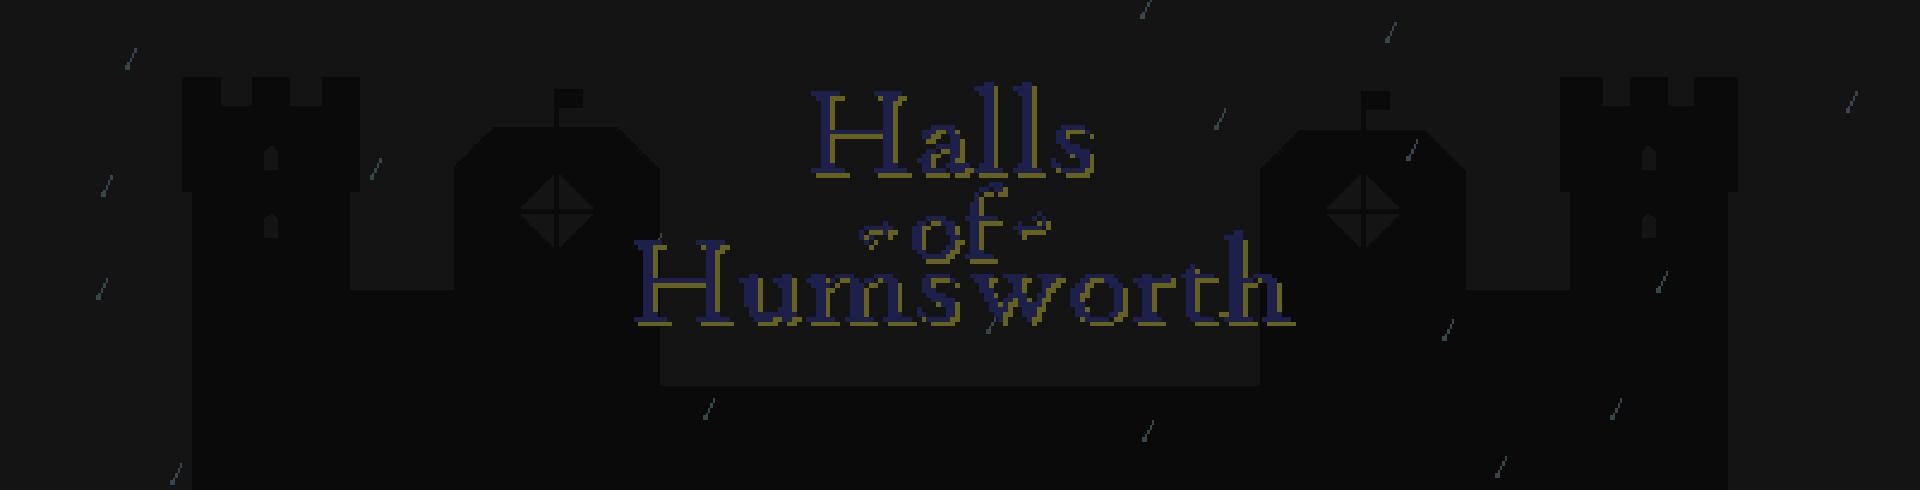 Halls of Humsworth